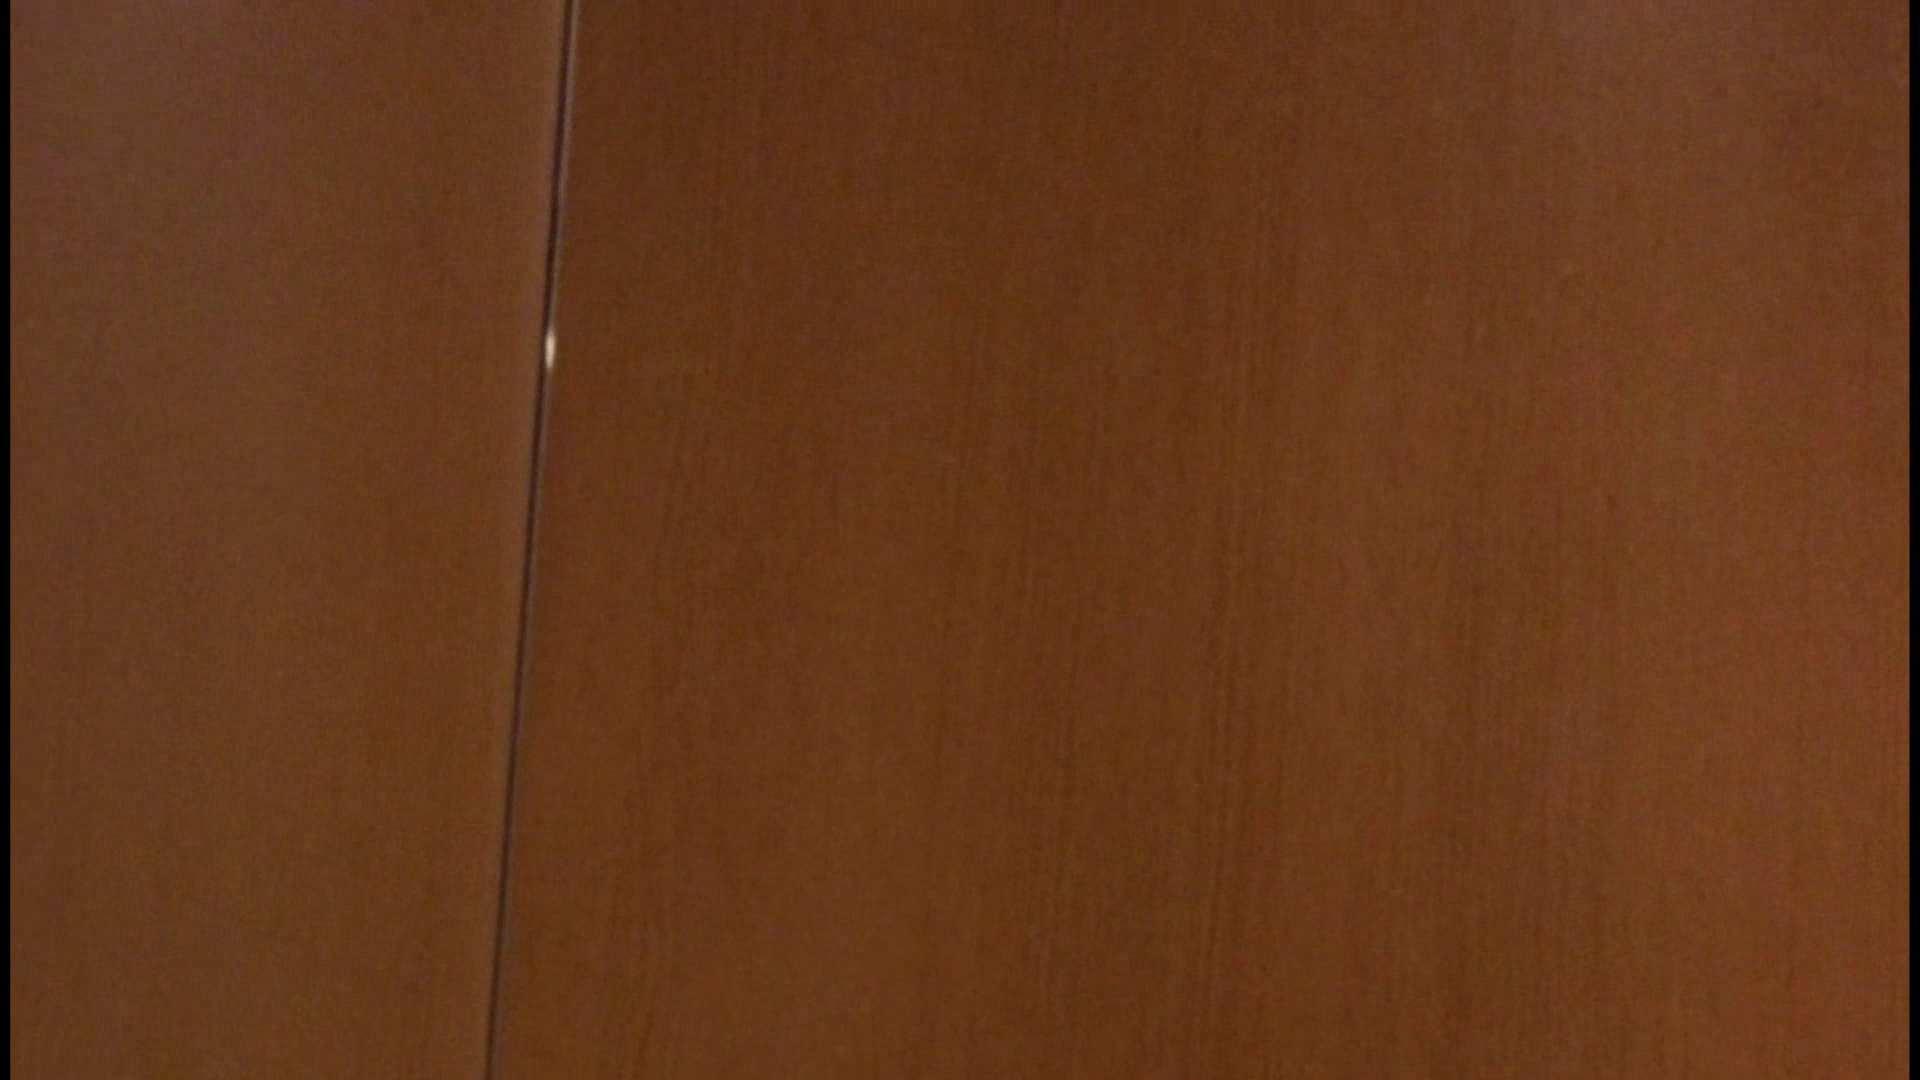 「噂」の国の厠観察日記2 Vol.08 厠や AV無料動画キャプチャ 98枚